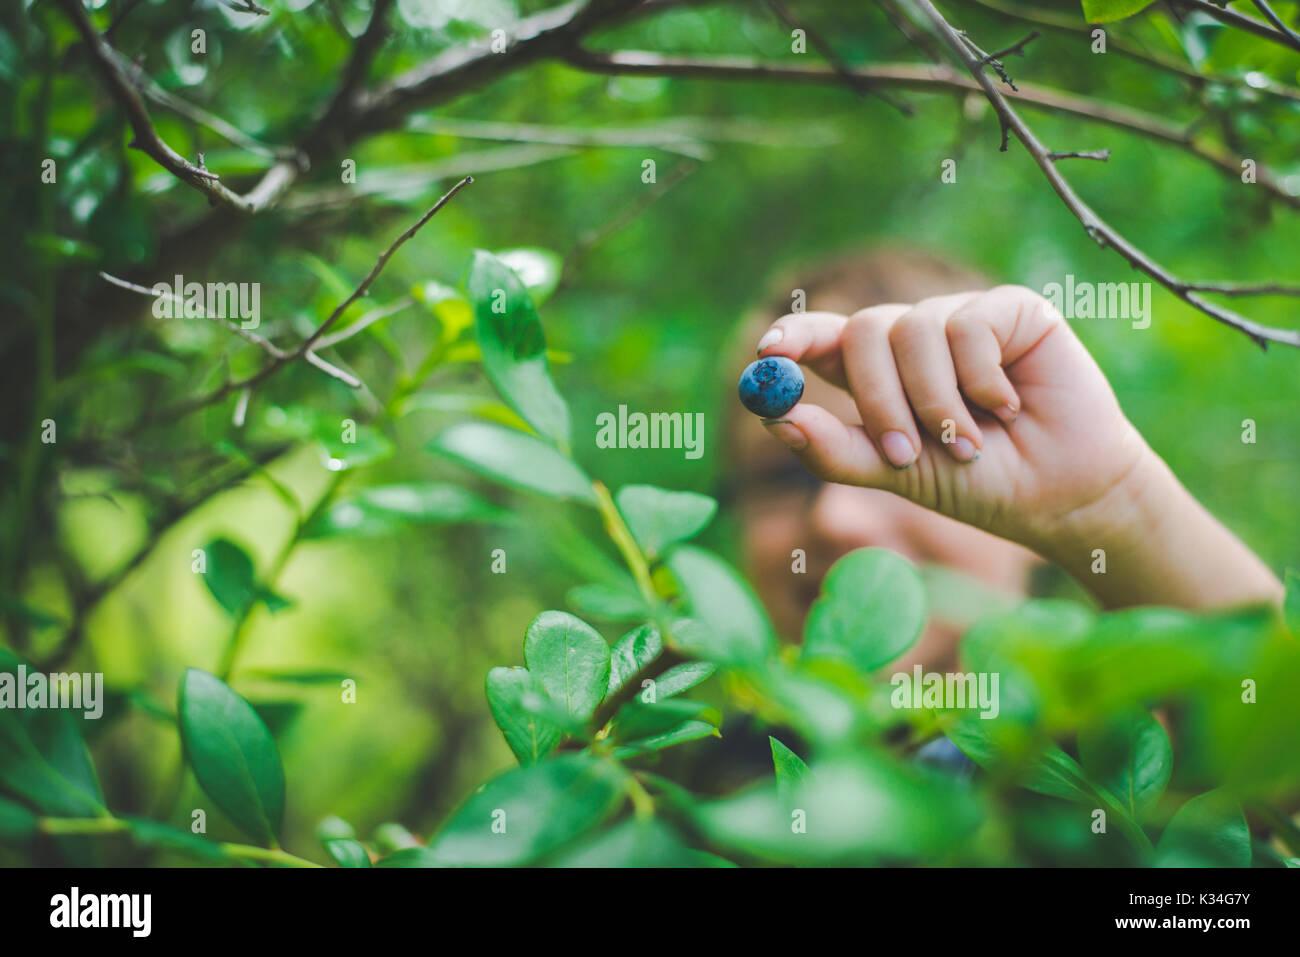 Bambino mani di mirtilli freschi da una fattoria. Foto Stock